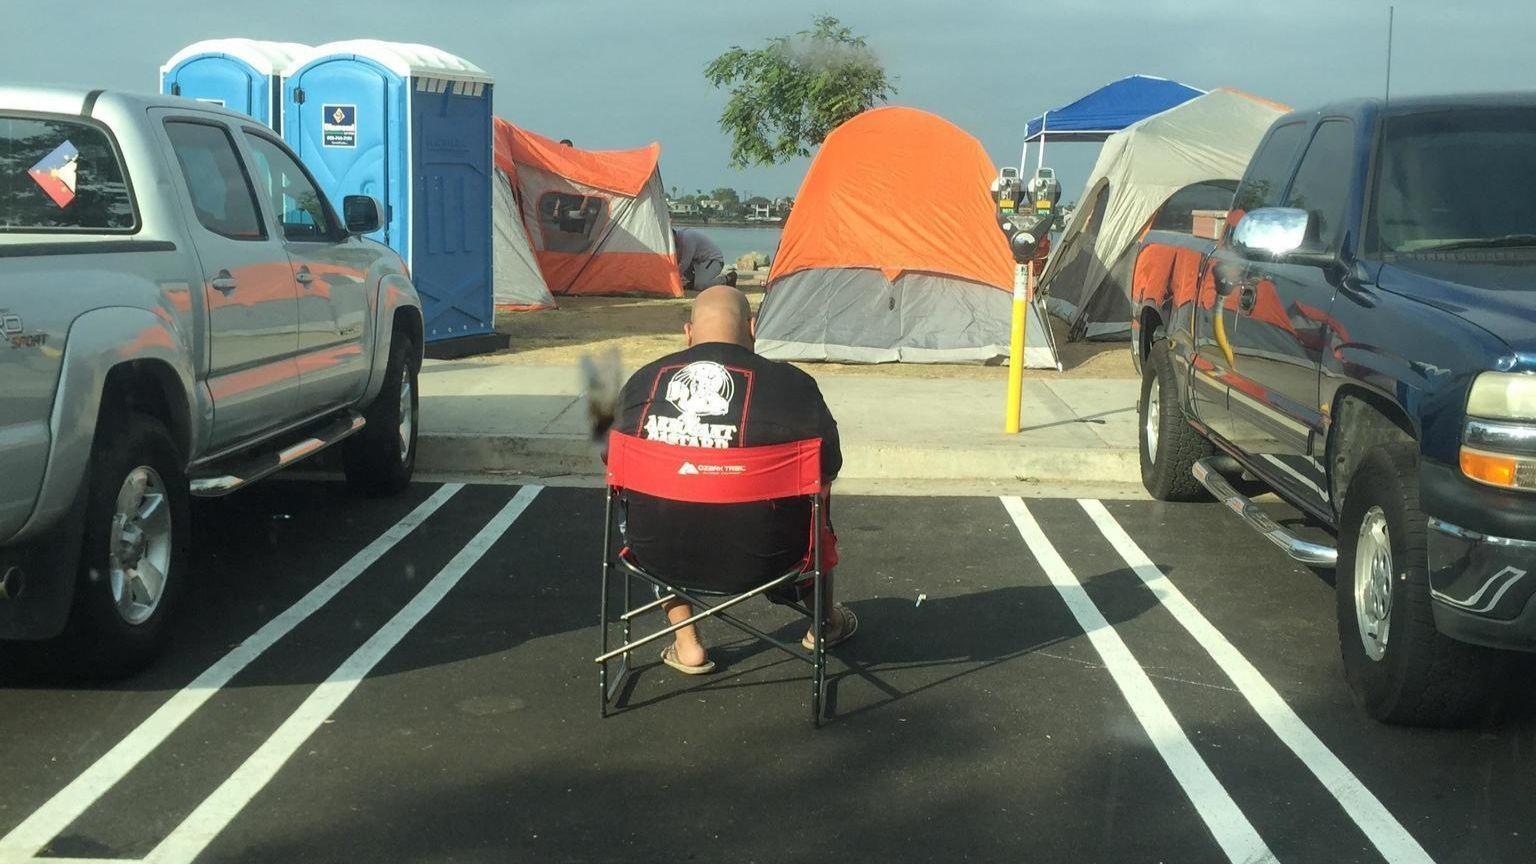 Saving a parking spot